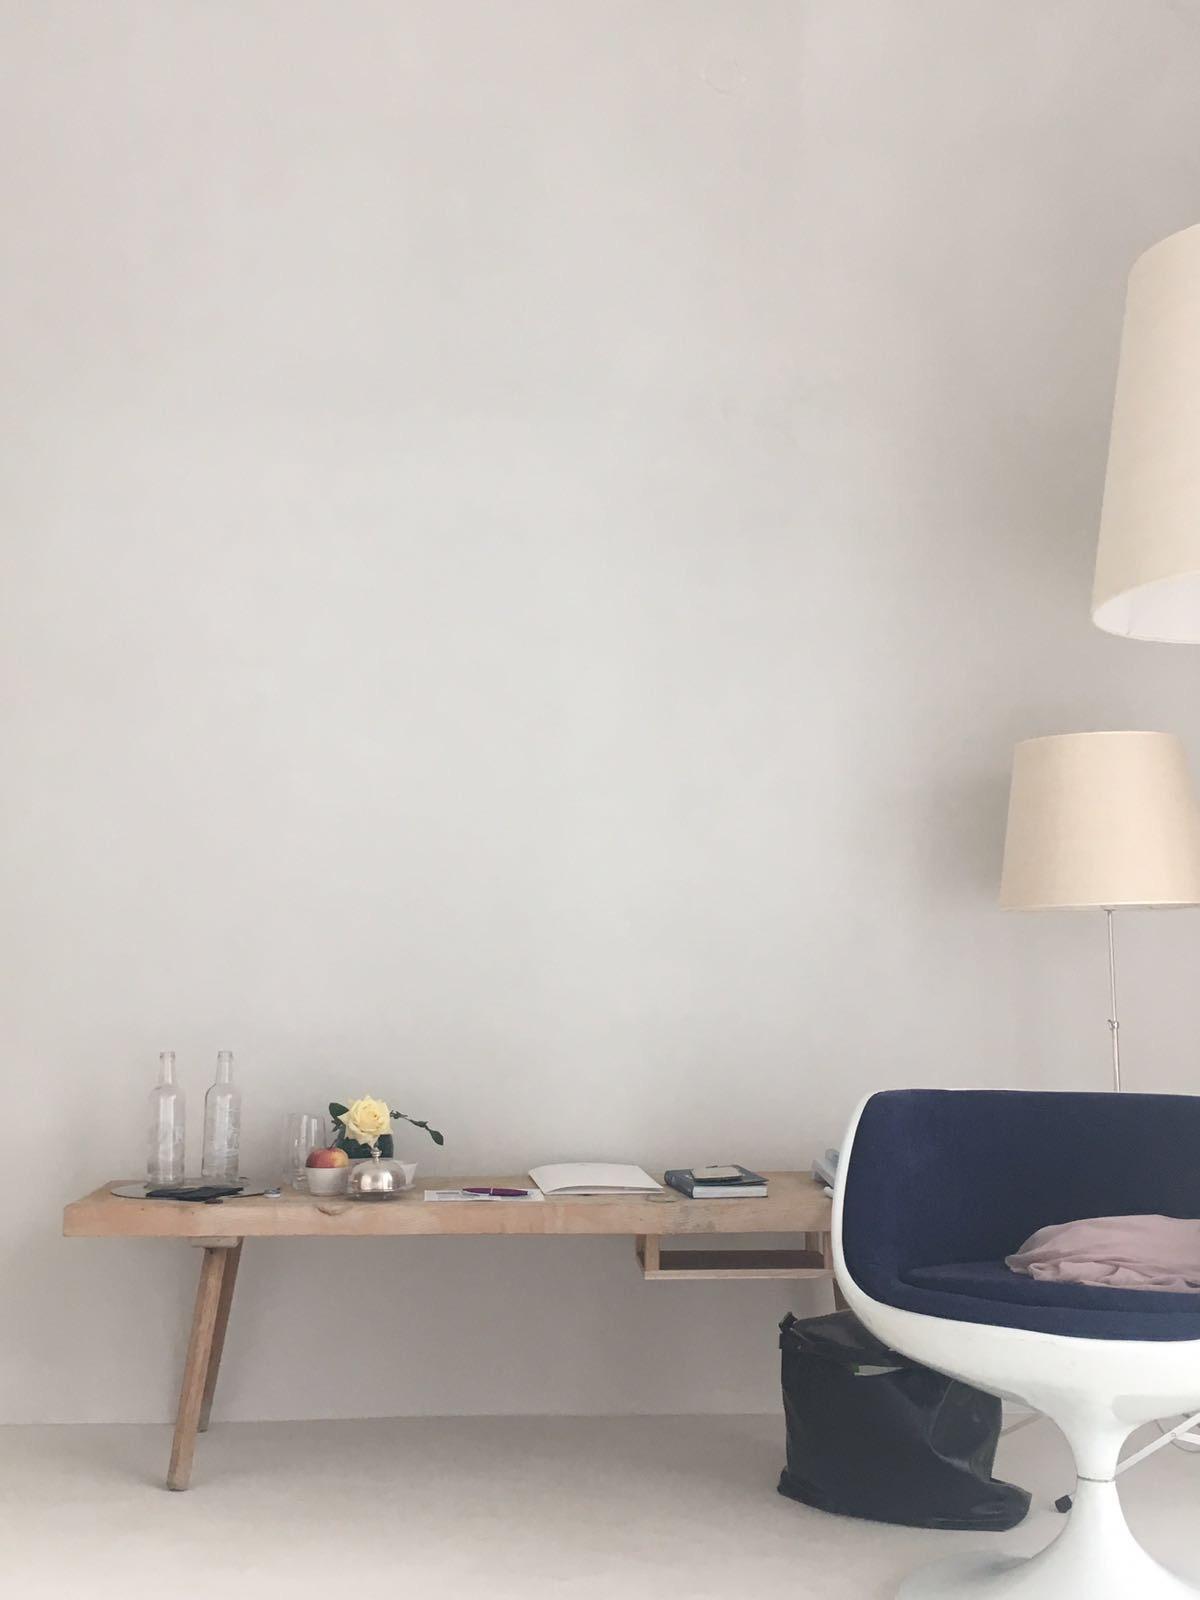 Krone_Room2